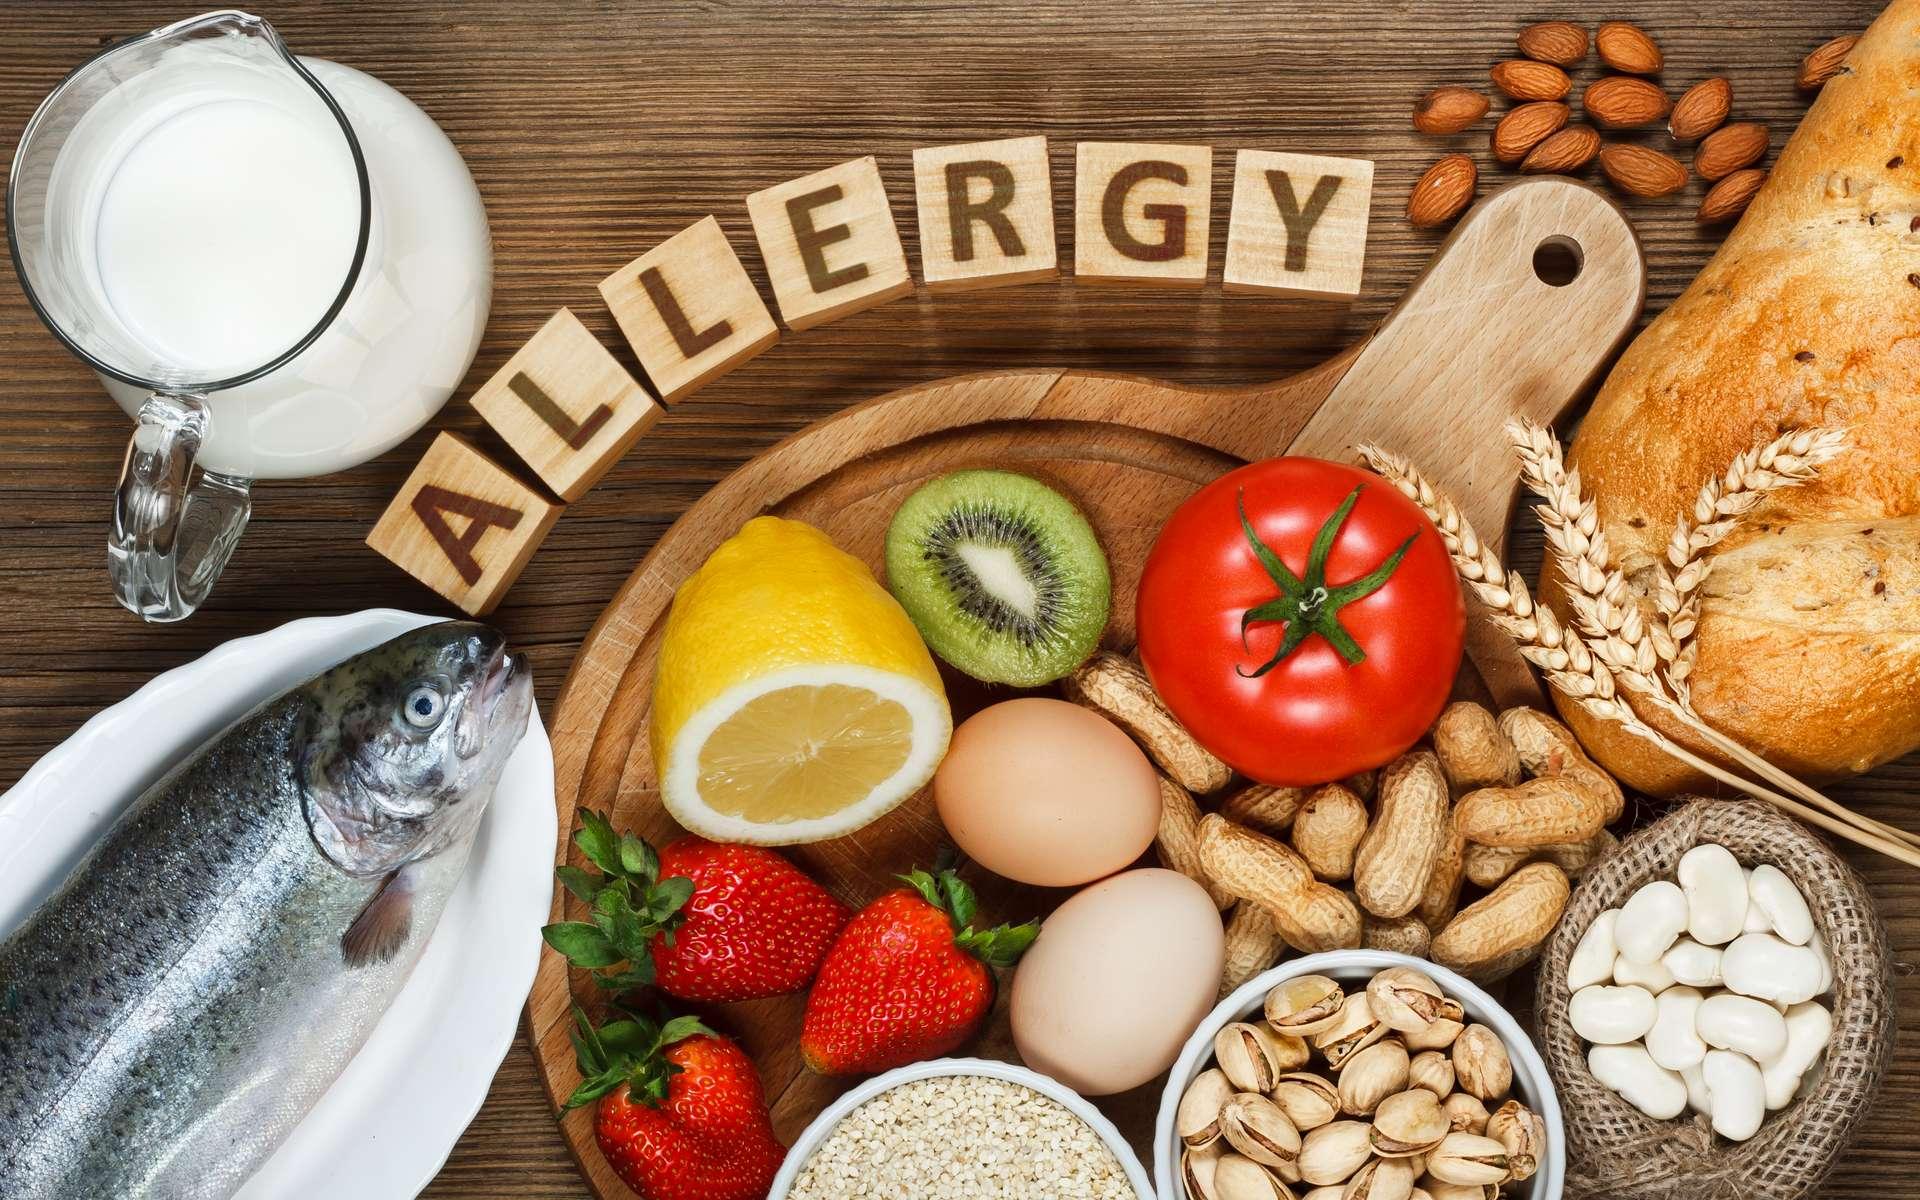 Les allergies alimentaires progressent de façon inquiétante ces dernières années. © airborne77, adobestock